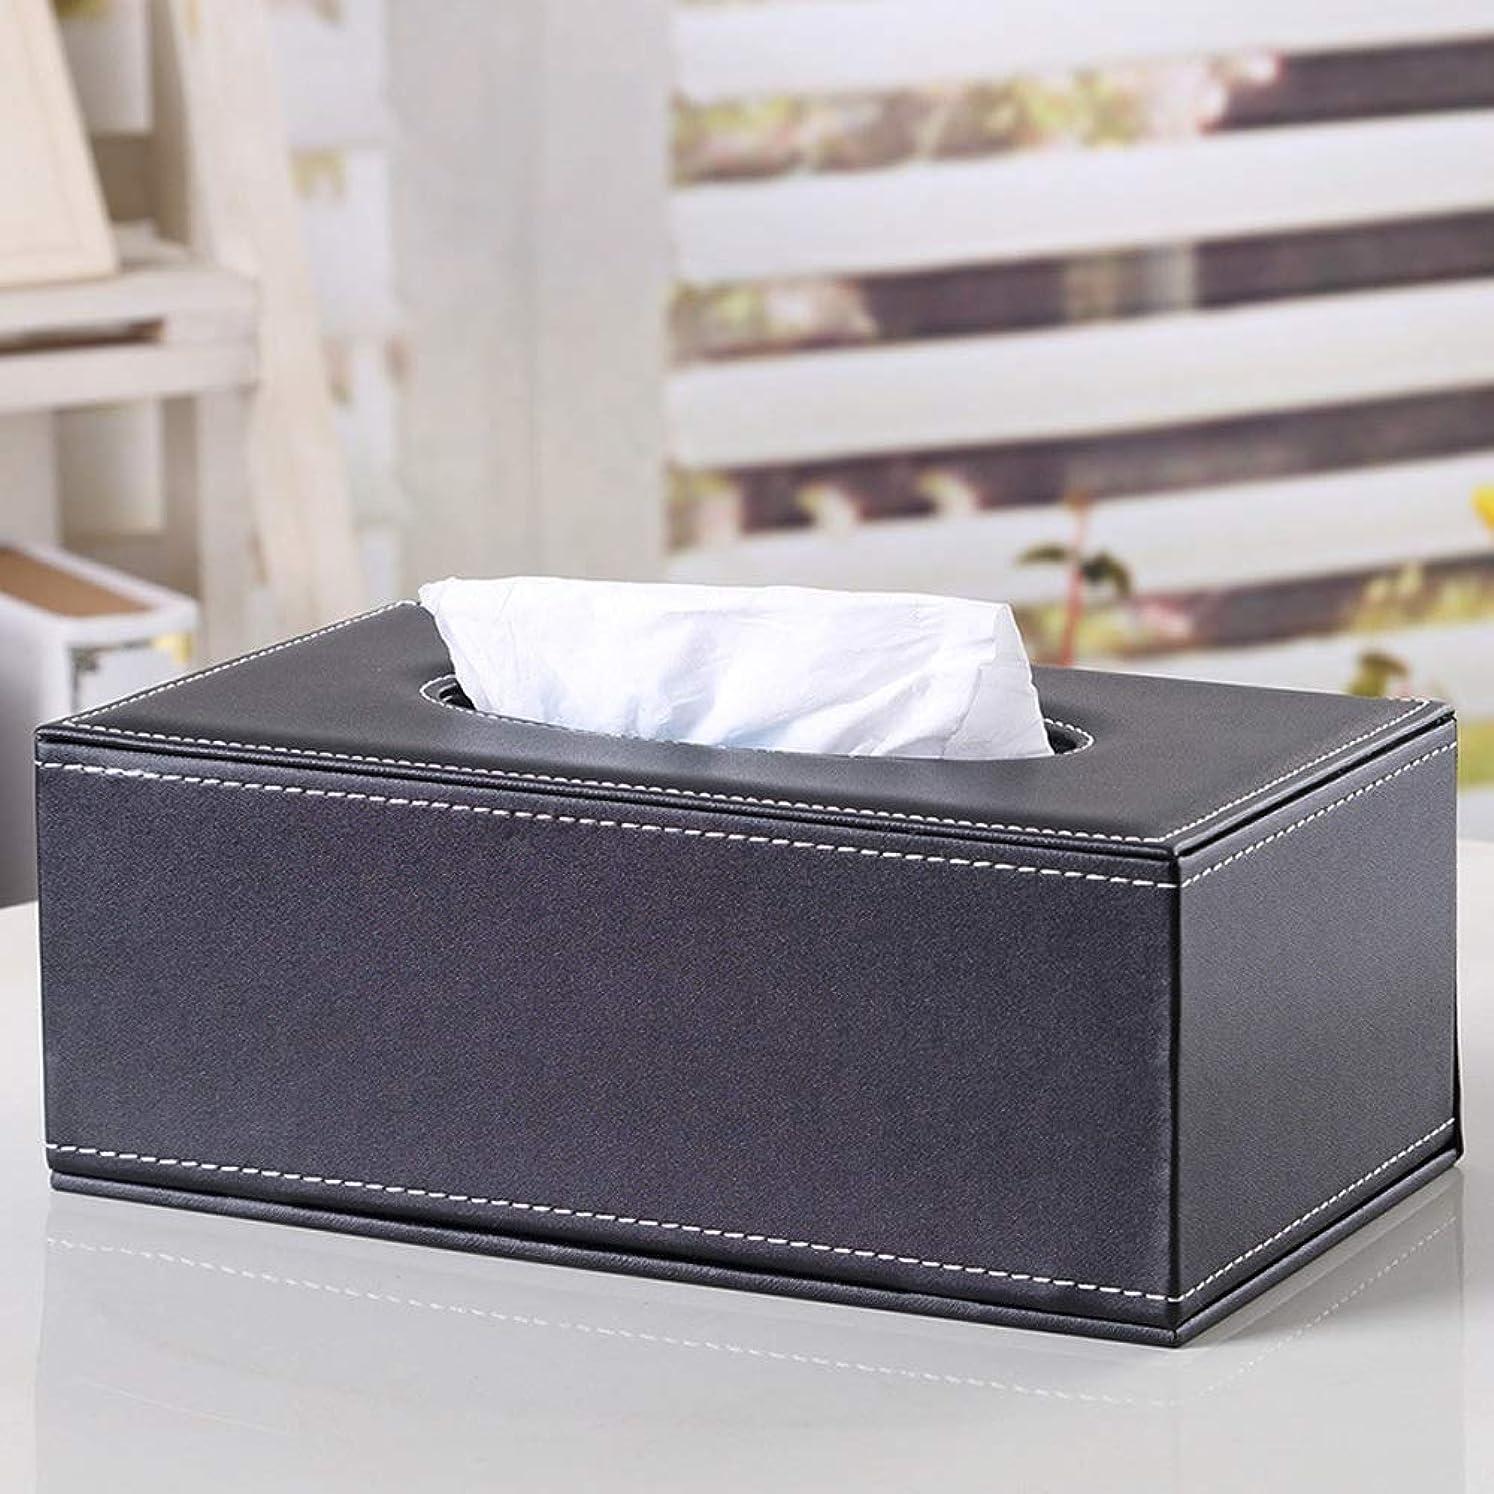 ミシン孤児寝室を掃除するBXU-BG (:ブラック、サイズ:25x14X10cmカラー)ホームデコレーションレザーリビングルームナプキントレイ用ティッシュボックスティッシュホルダー長方形ティッシュボックスカバーナプキンケースホルダー